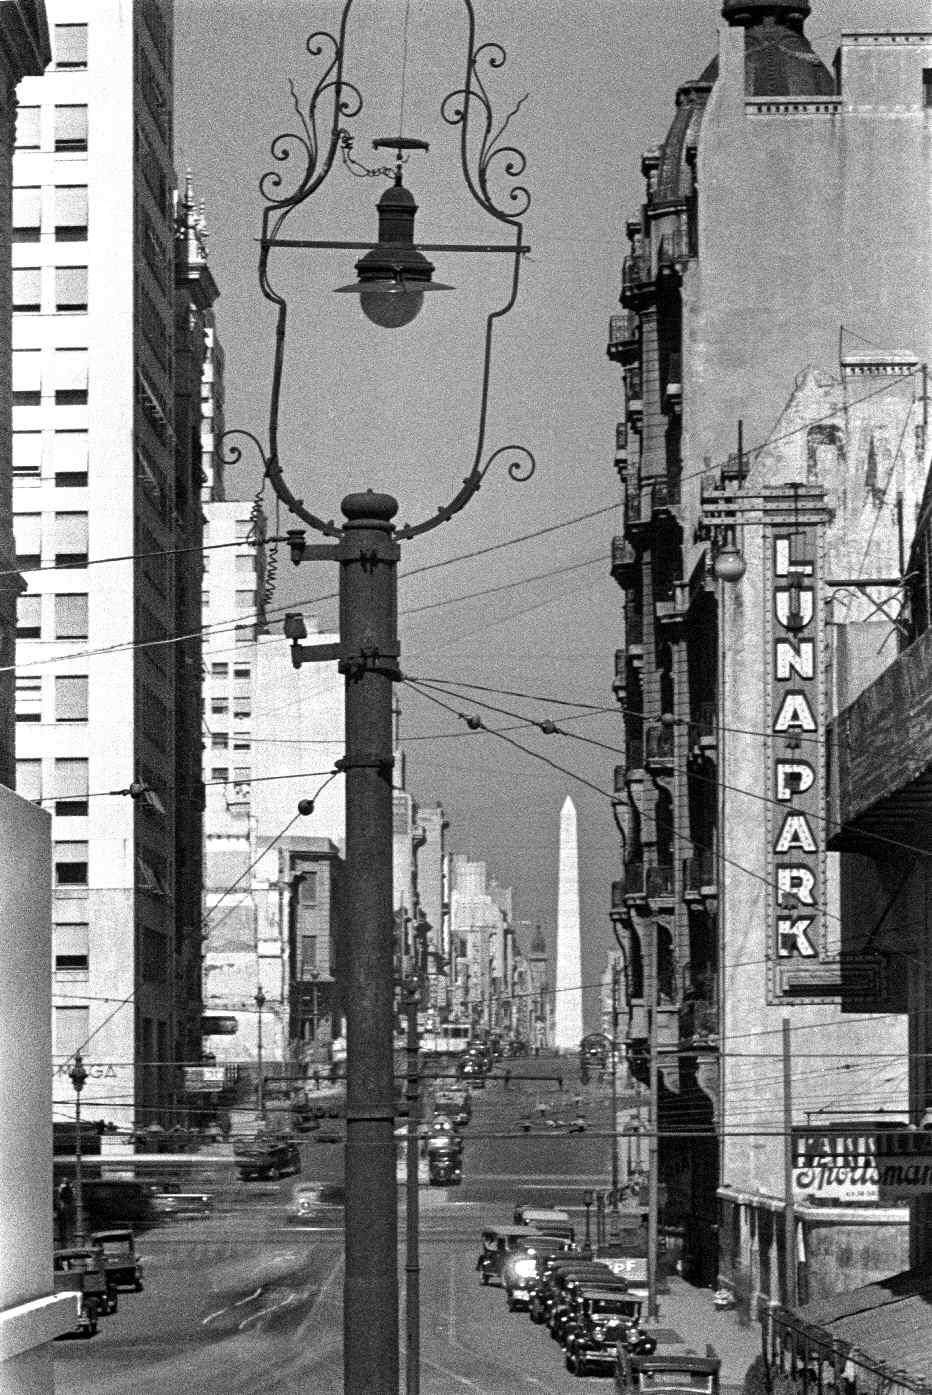 COPPOLA, Horacio, <i>Avenida Corrientes desde Avenida Além hacia el oeste</i>